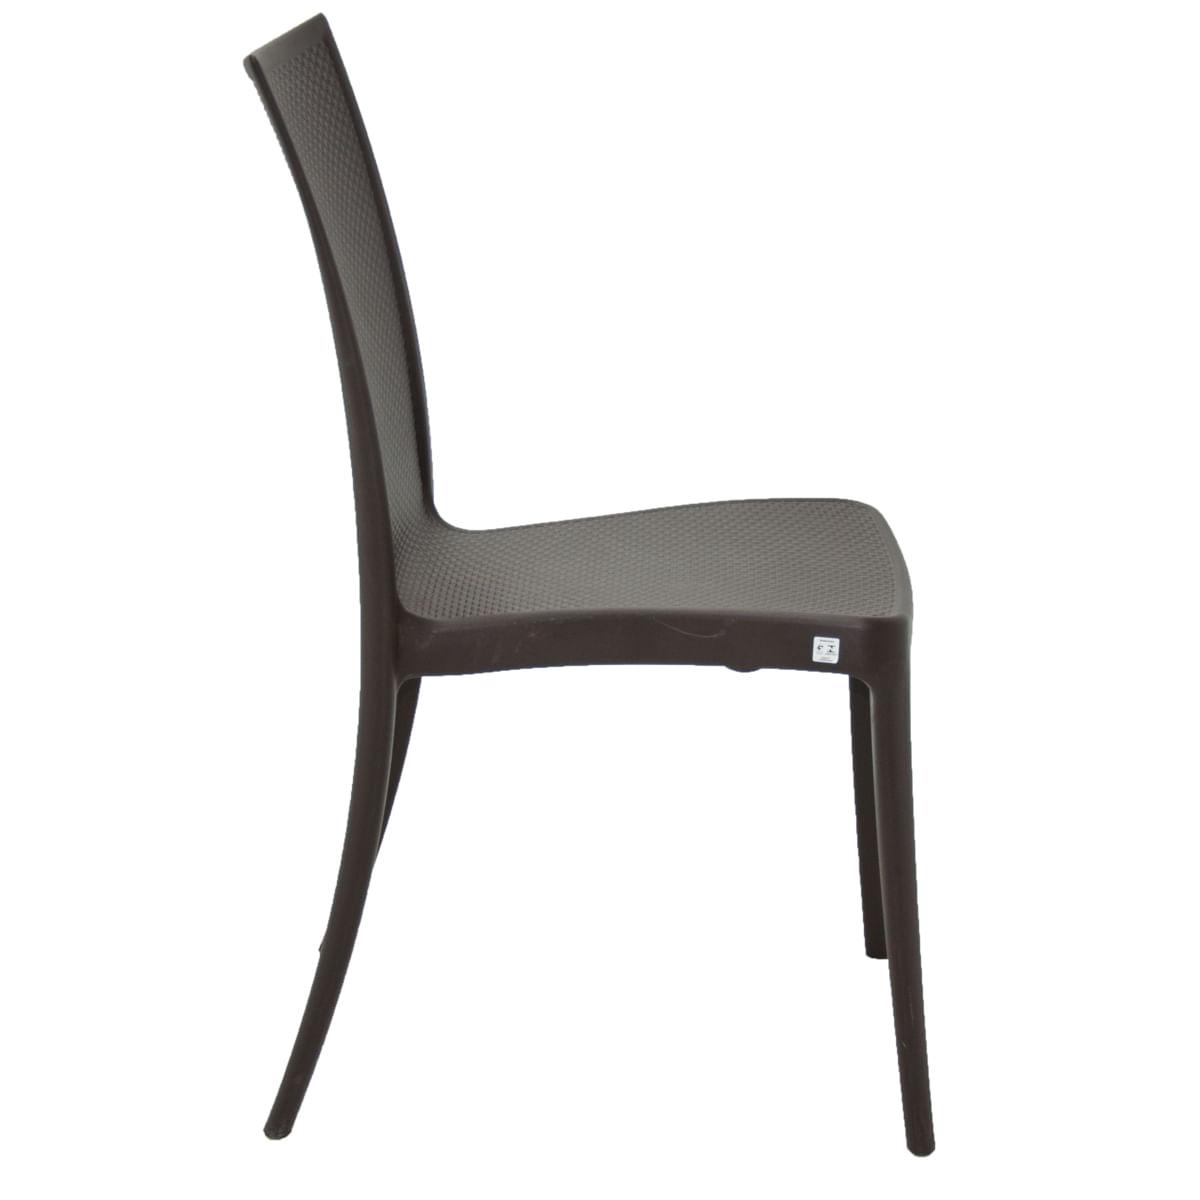 Cadeira Tramontina Laura Ratan Marrom em Polipropileno e Fibra de Vidro